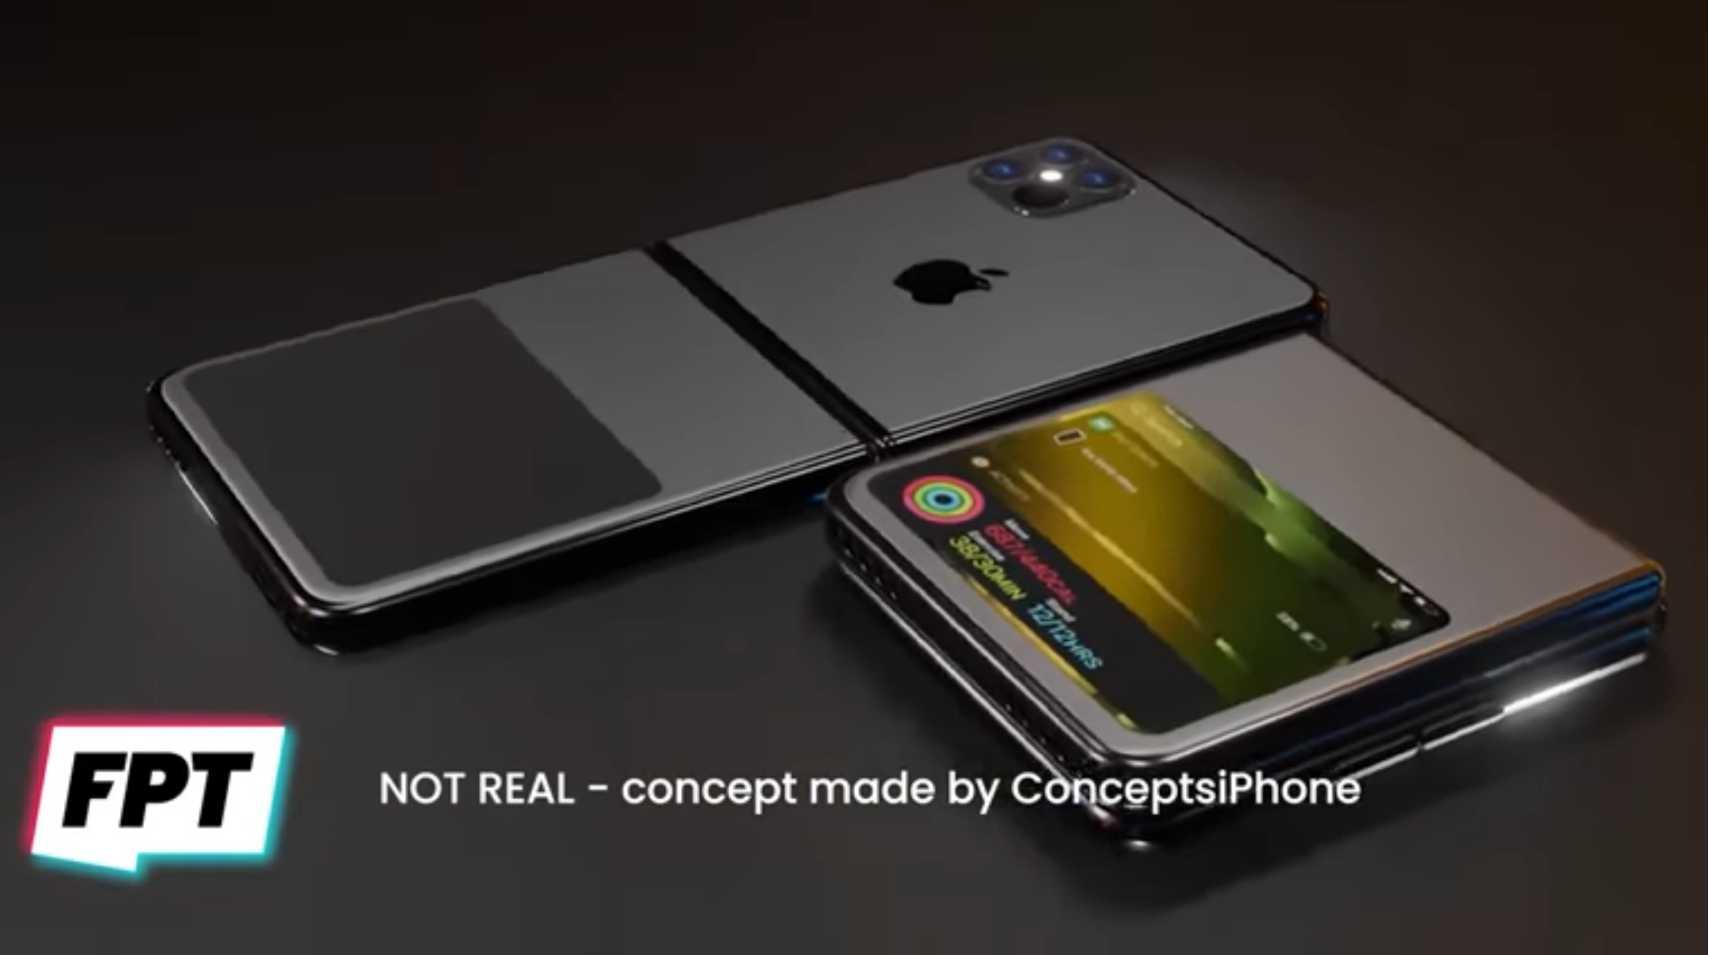 兼ねてから検討されていた2種類のiPhone折り畳み型は、縦折り型に軍配か?